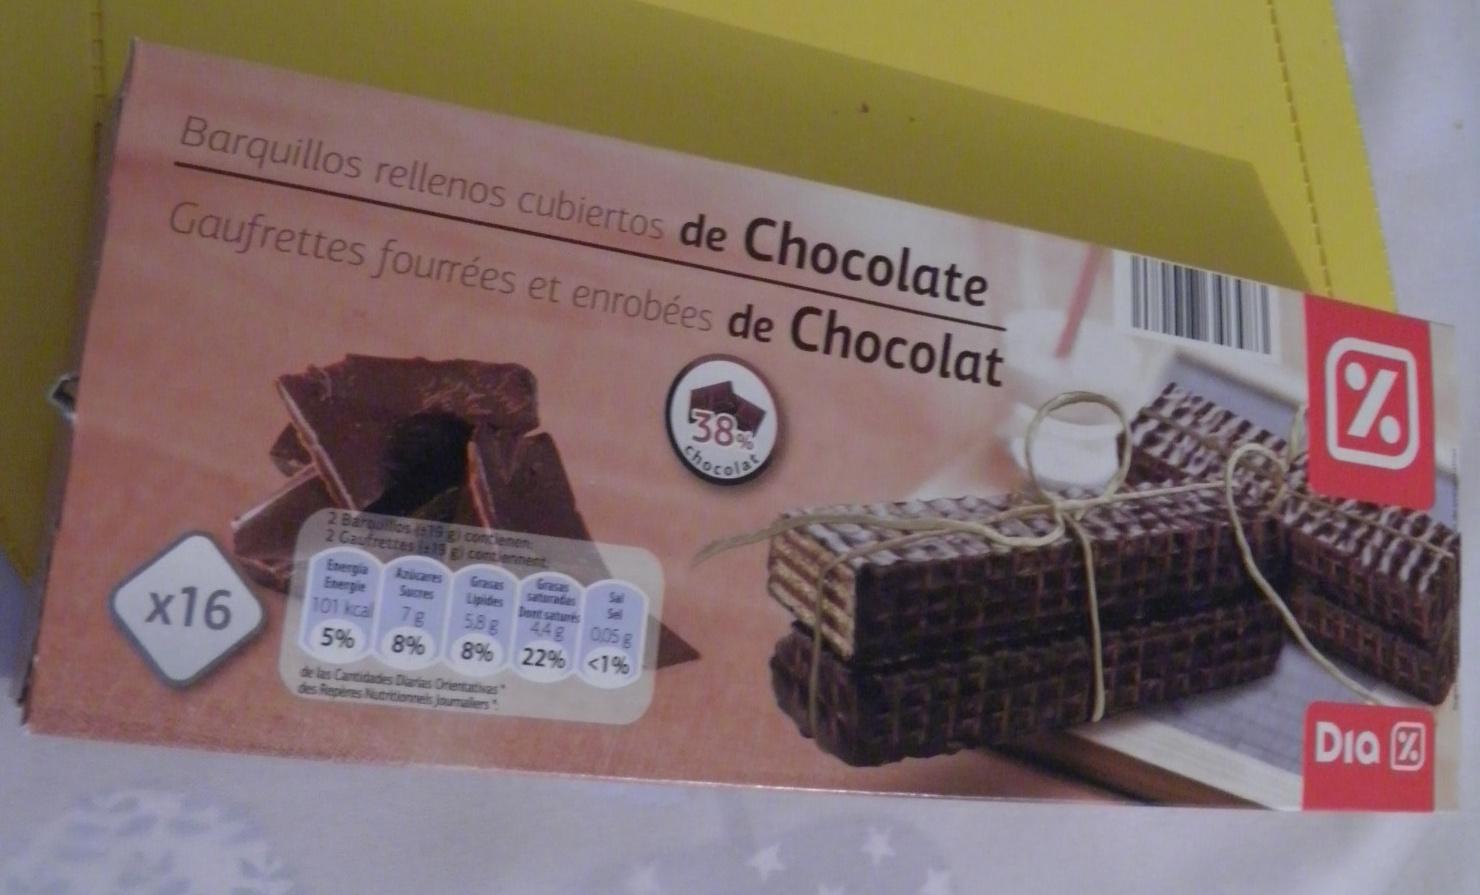 Gaufrettes fourrées et enrobées de chocolat - Produit